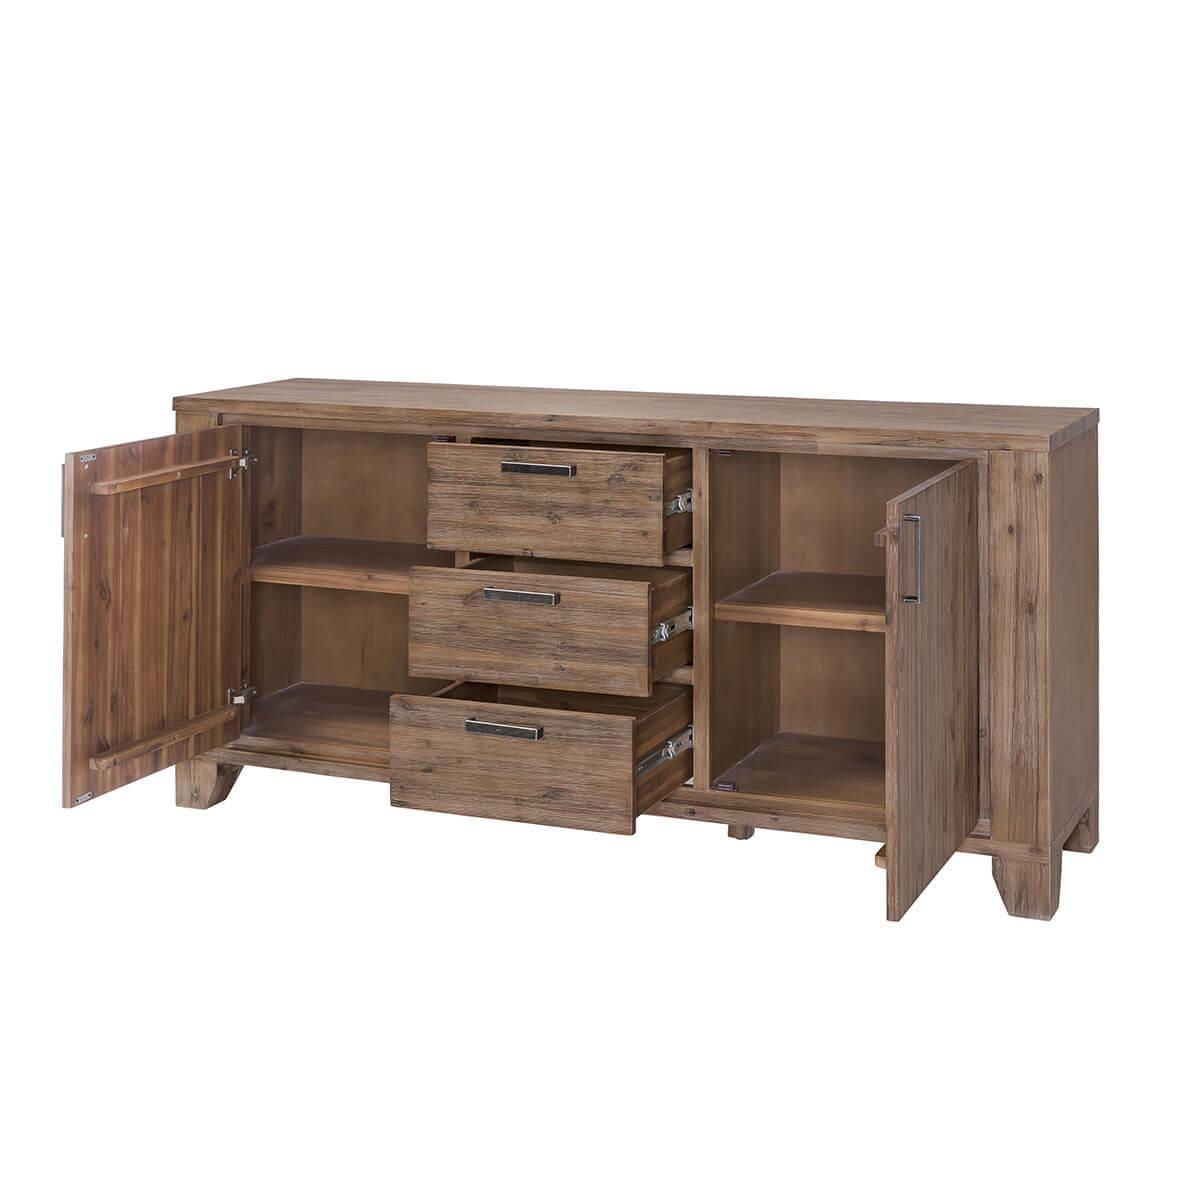 sideboard avora 175cm breit in braun akazie massiv. Black Bedroom Furniture Sets. Home Design Ideas